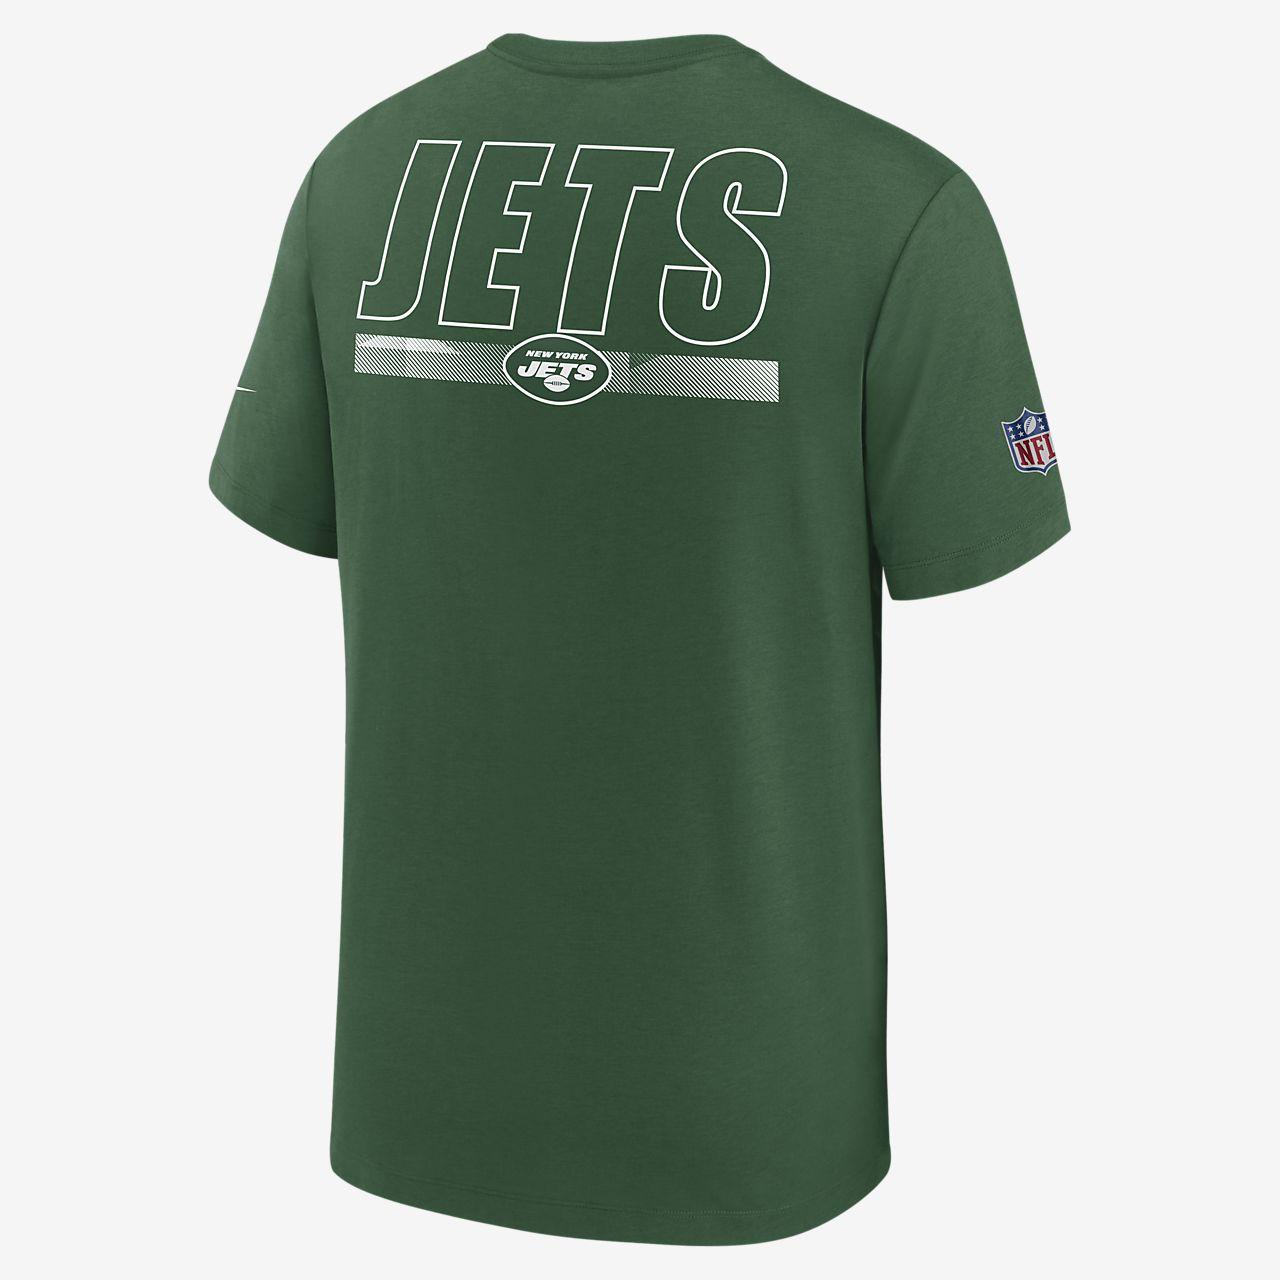 nike jets shirt